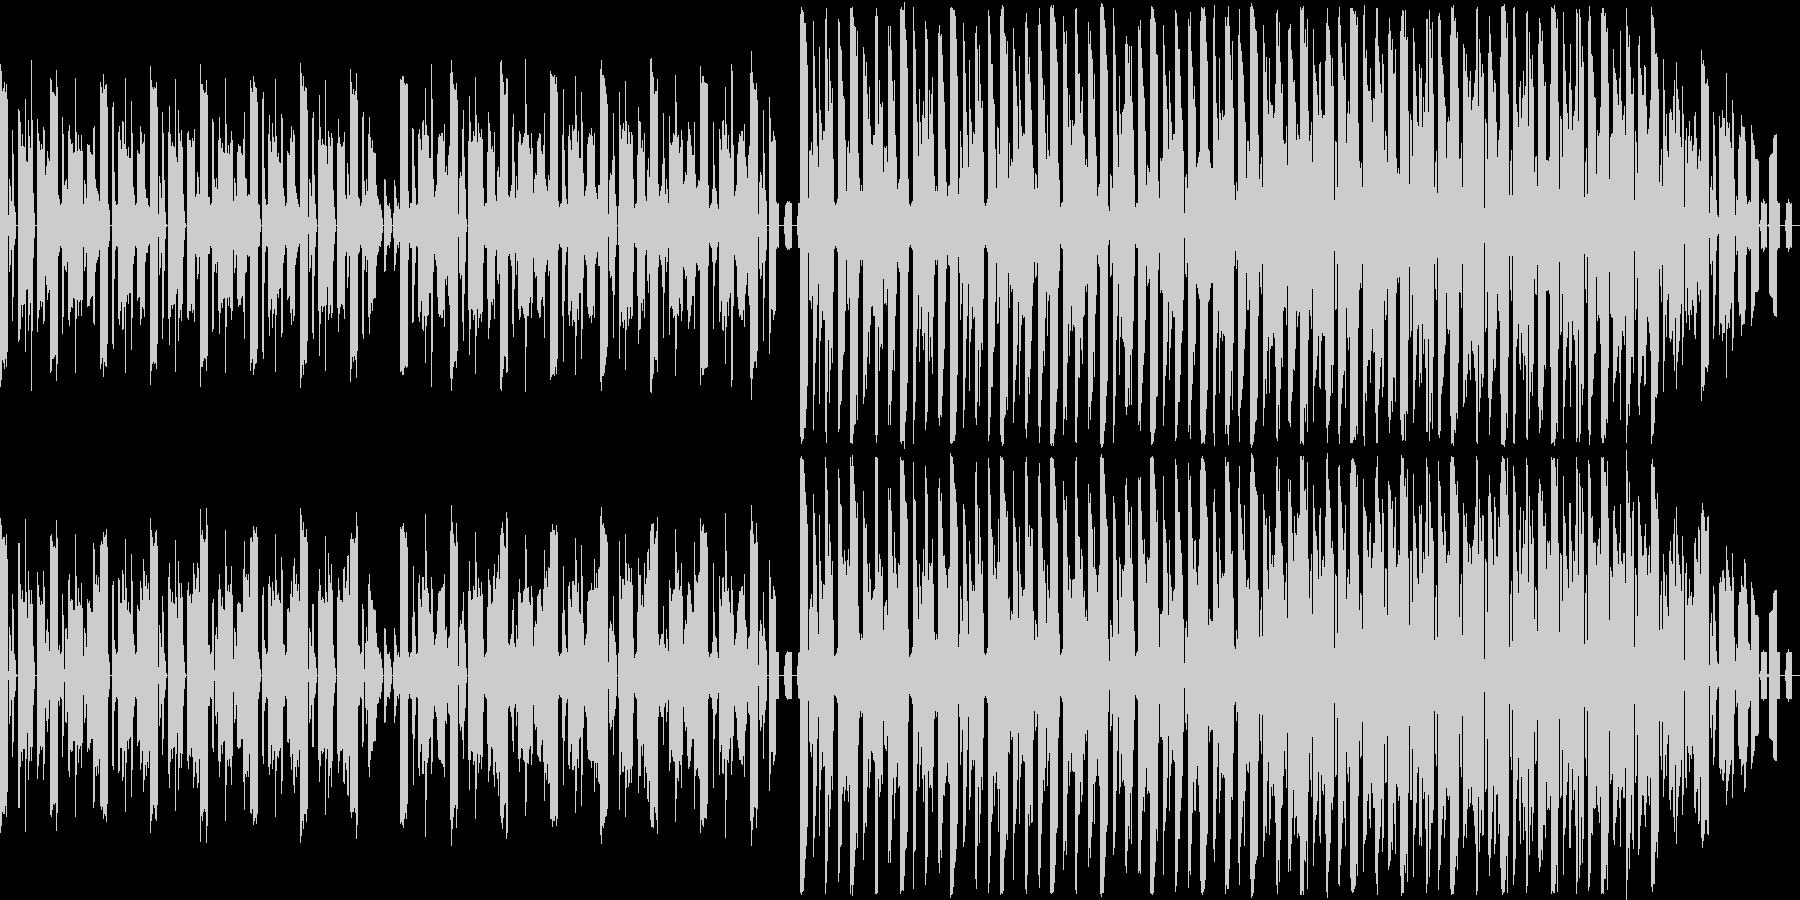 渦巻きにのまれたような感覚の楽曲の未再生の波形